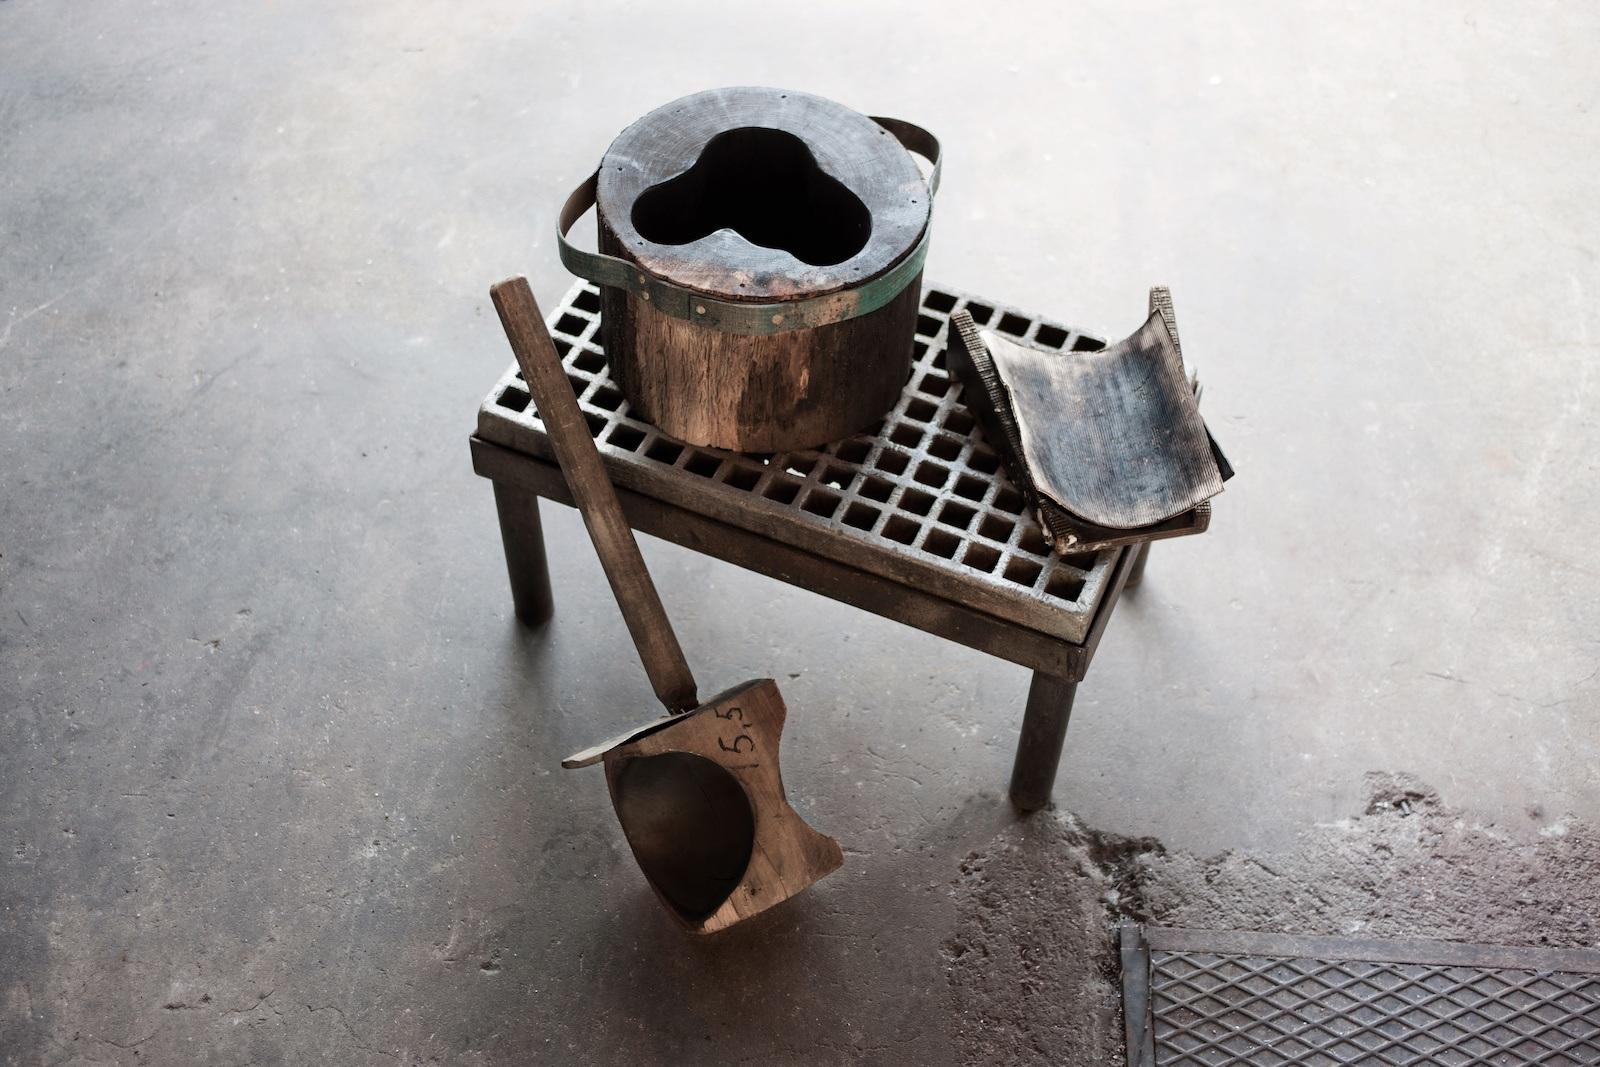 Wichtige Werkzeuge bei der Formung des Aalto Vase, darunter die gewässerte Holzform für das ikonische Glasobjekt